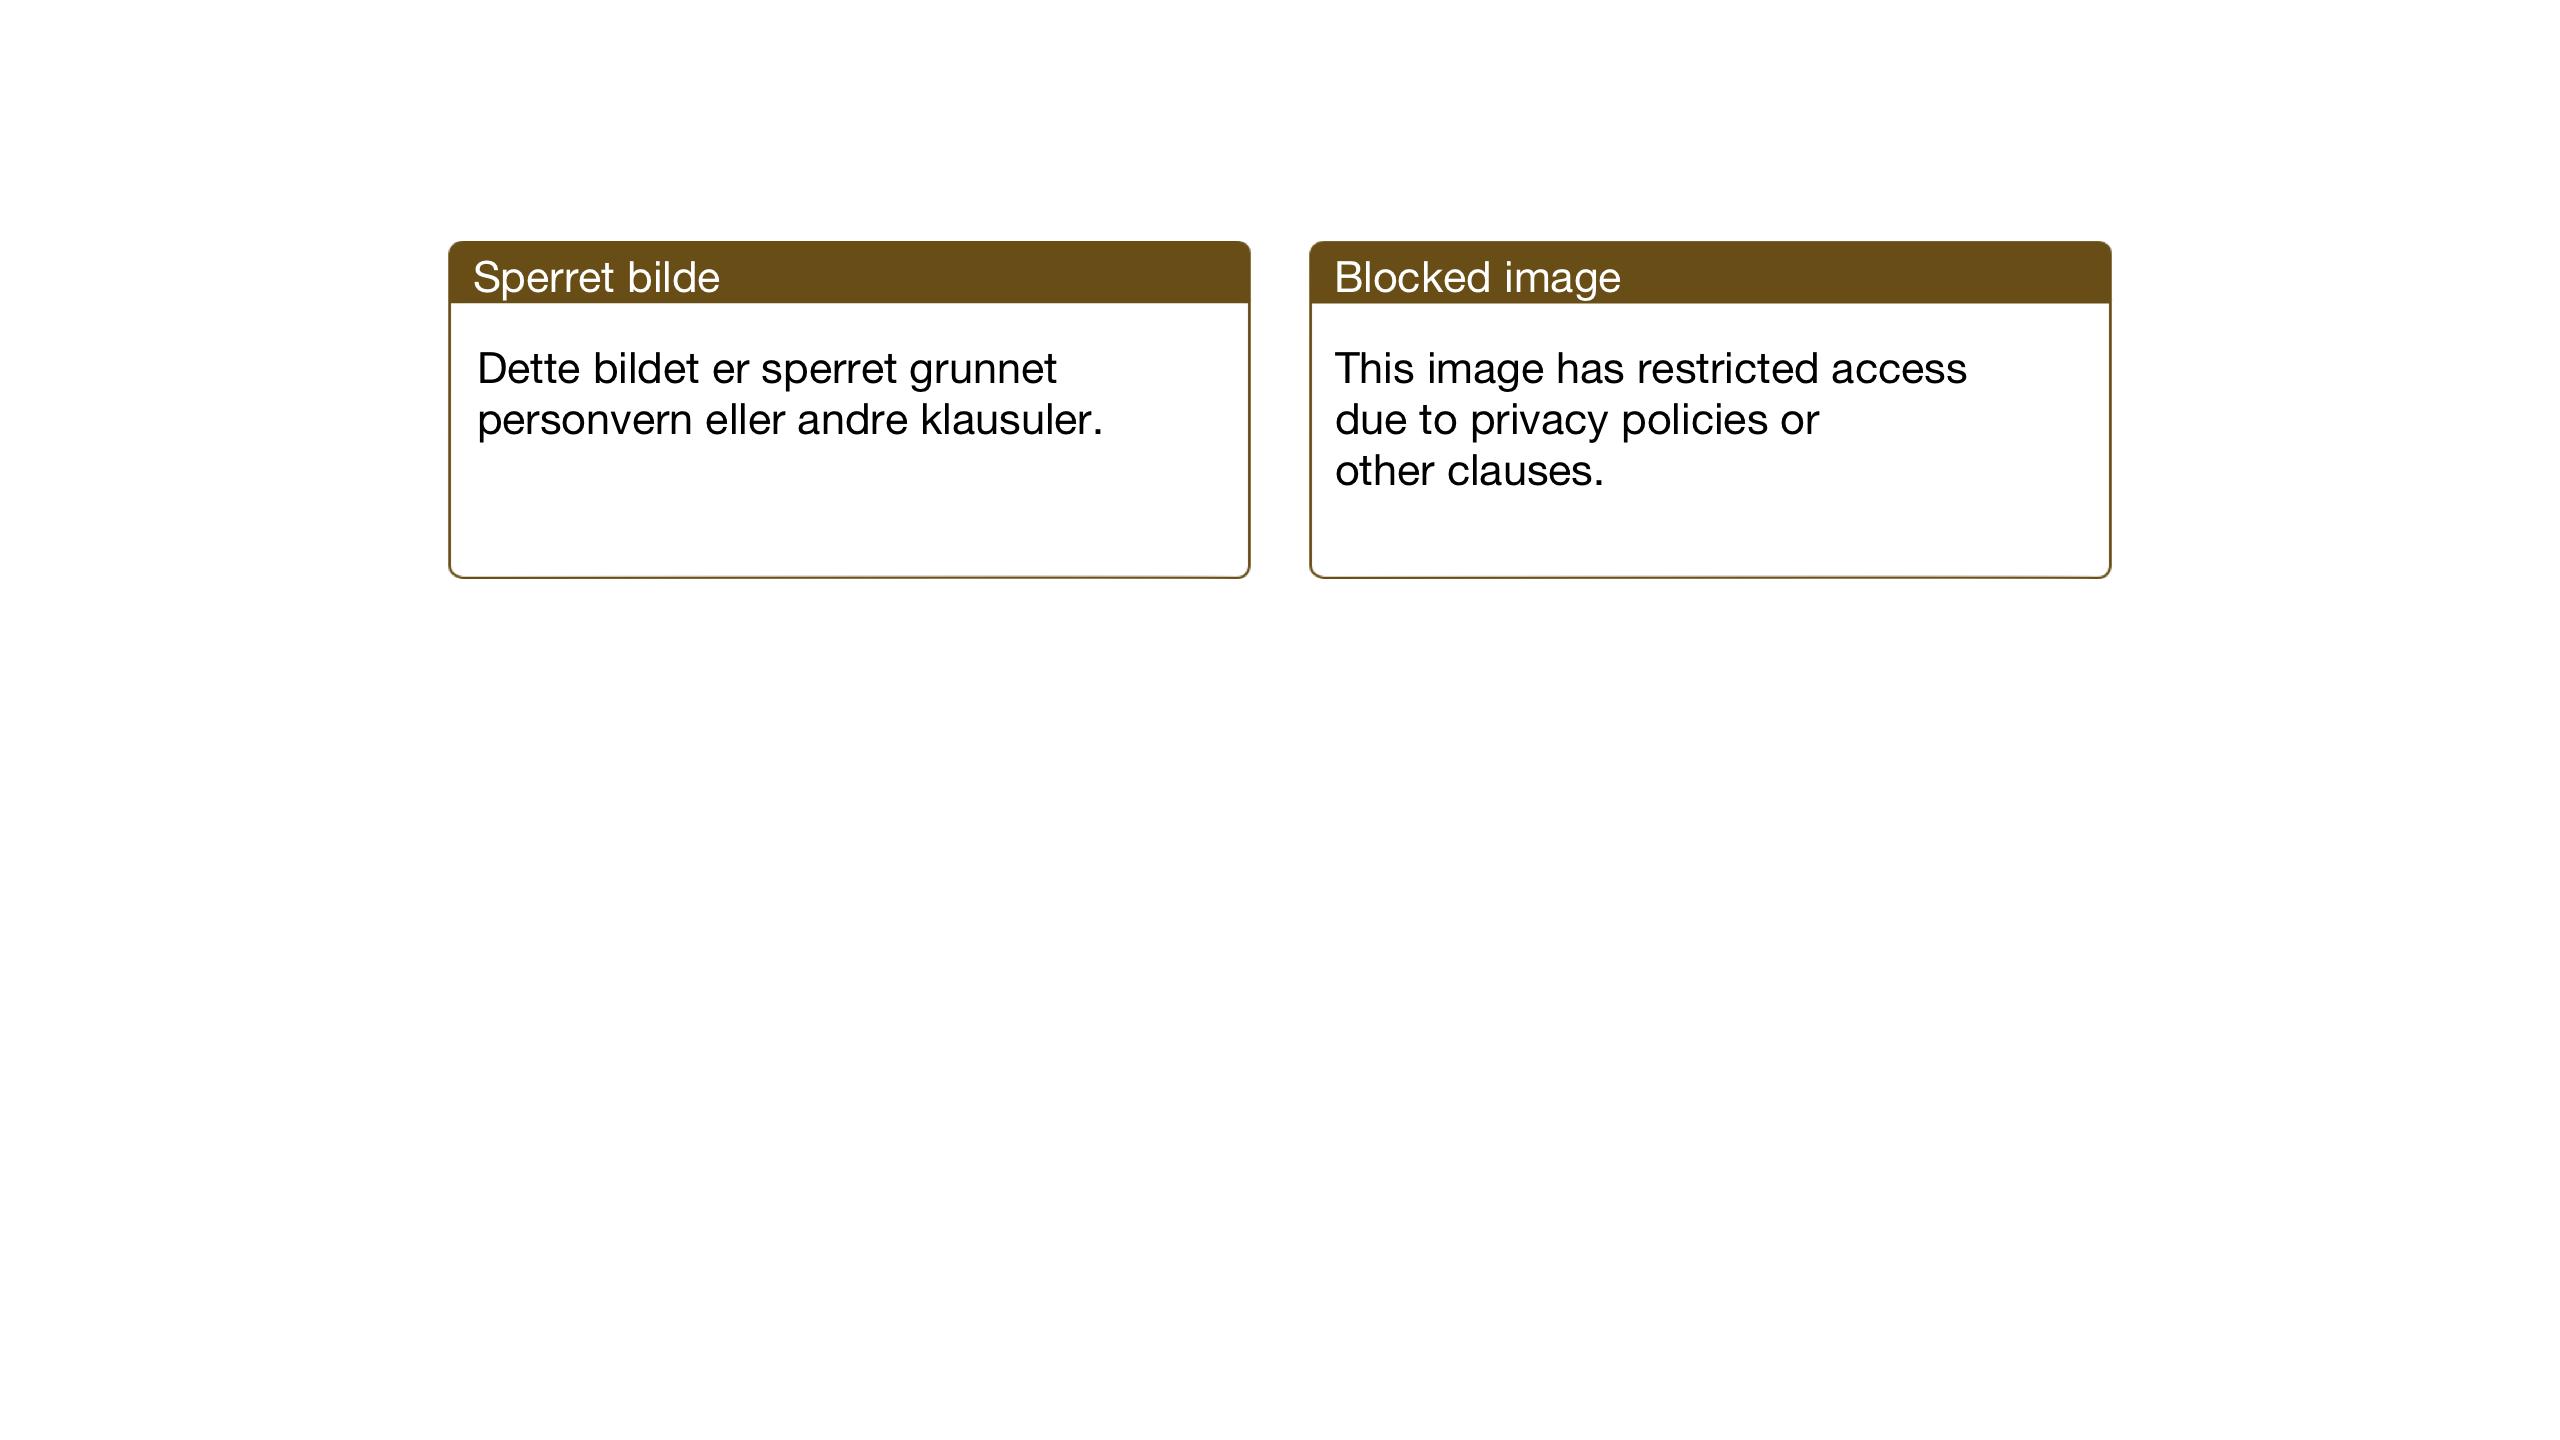 SAT, Ministerialprotokoller, klokkerbøker og fødselsregistre - Nord-Trøndelag, 722/L0227: Klokkerbok nr. 722C03, 1928-1958, s. 124